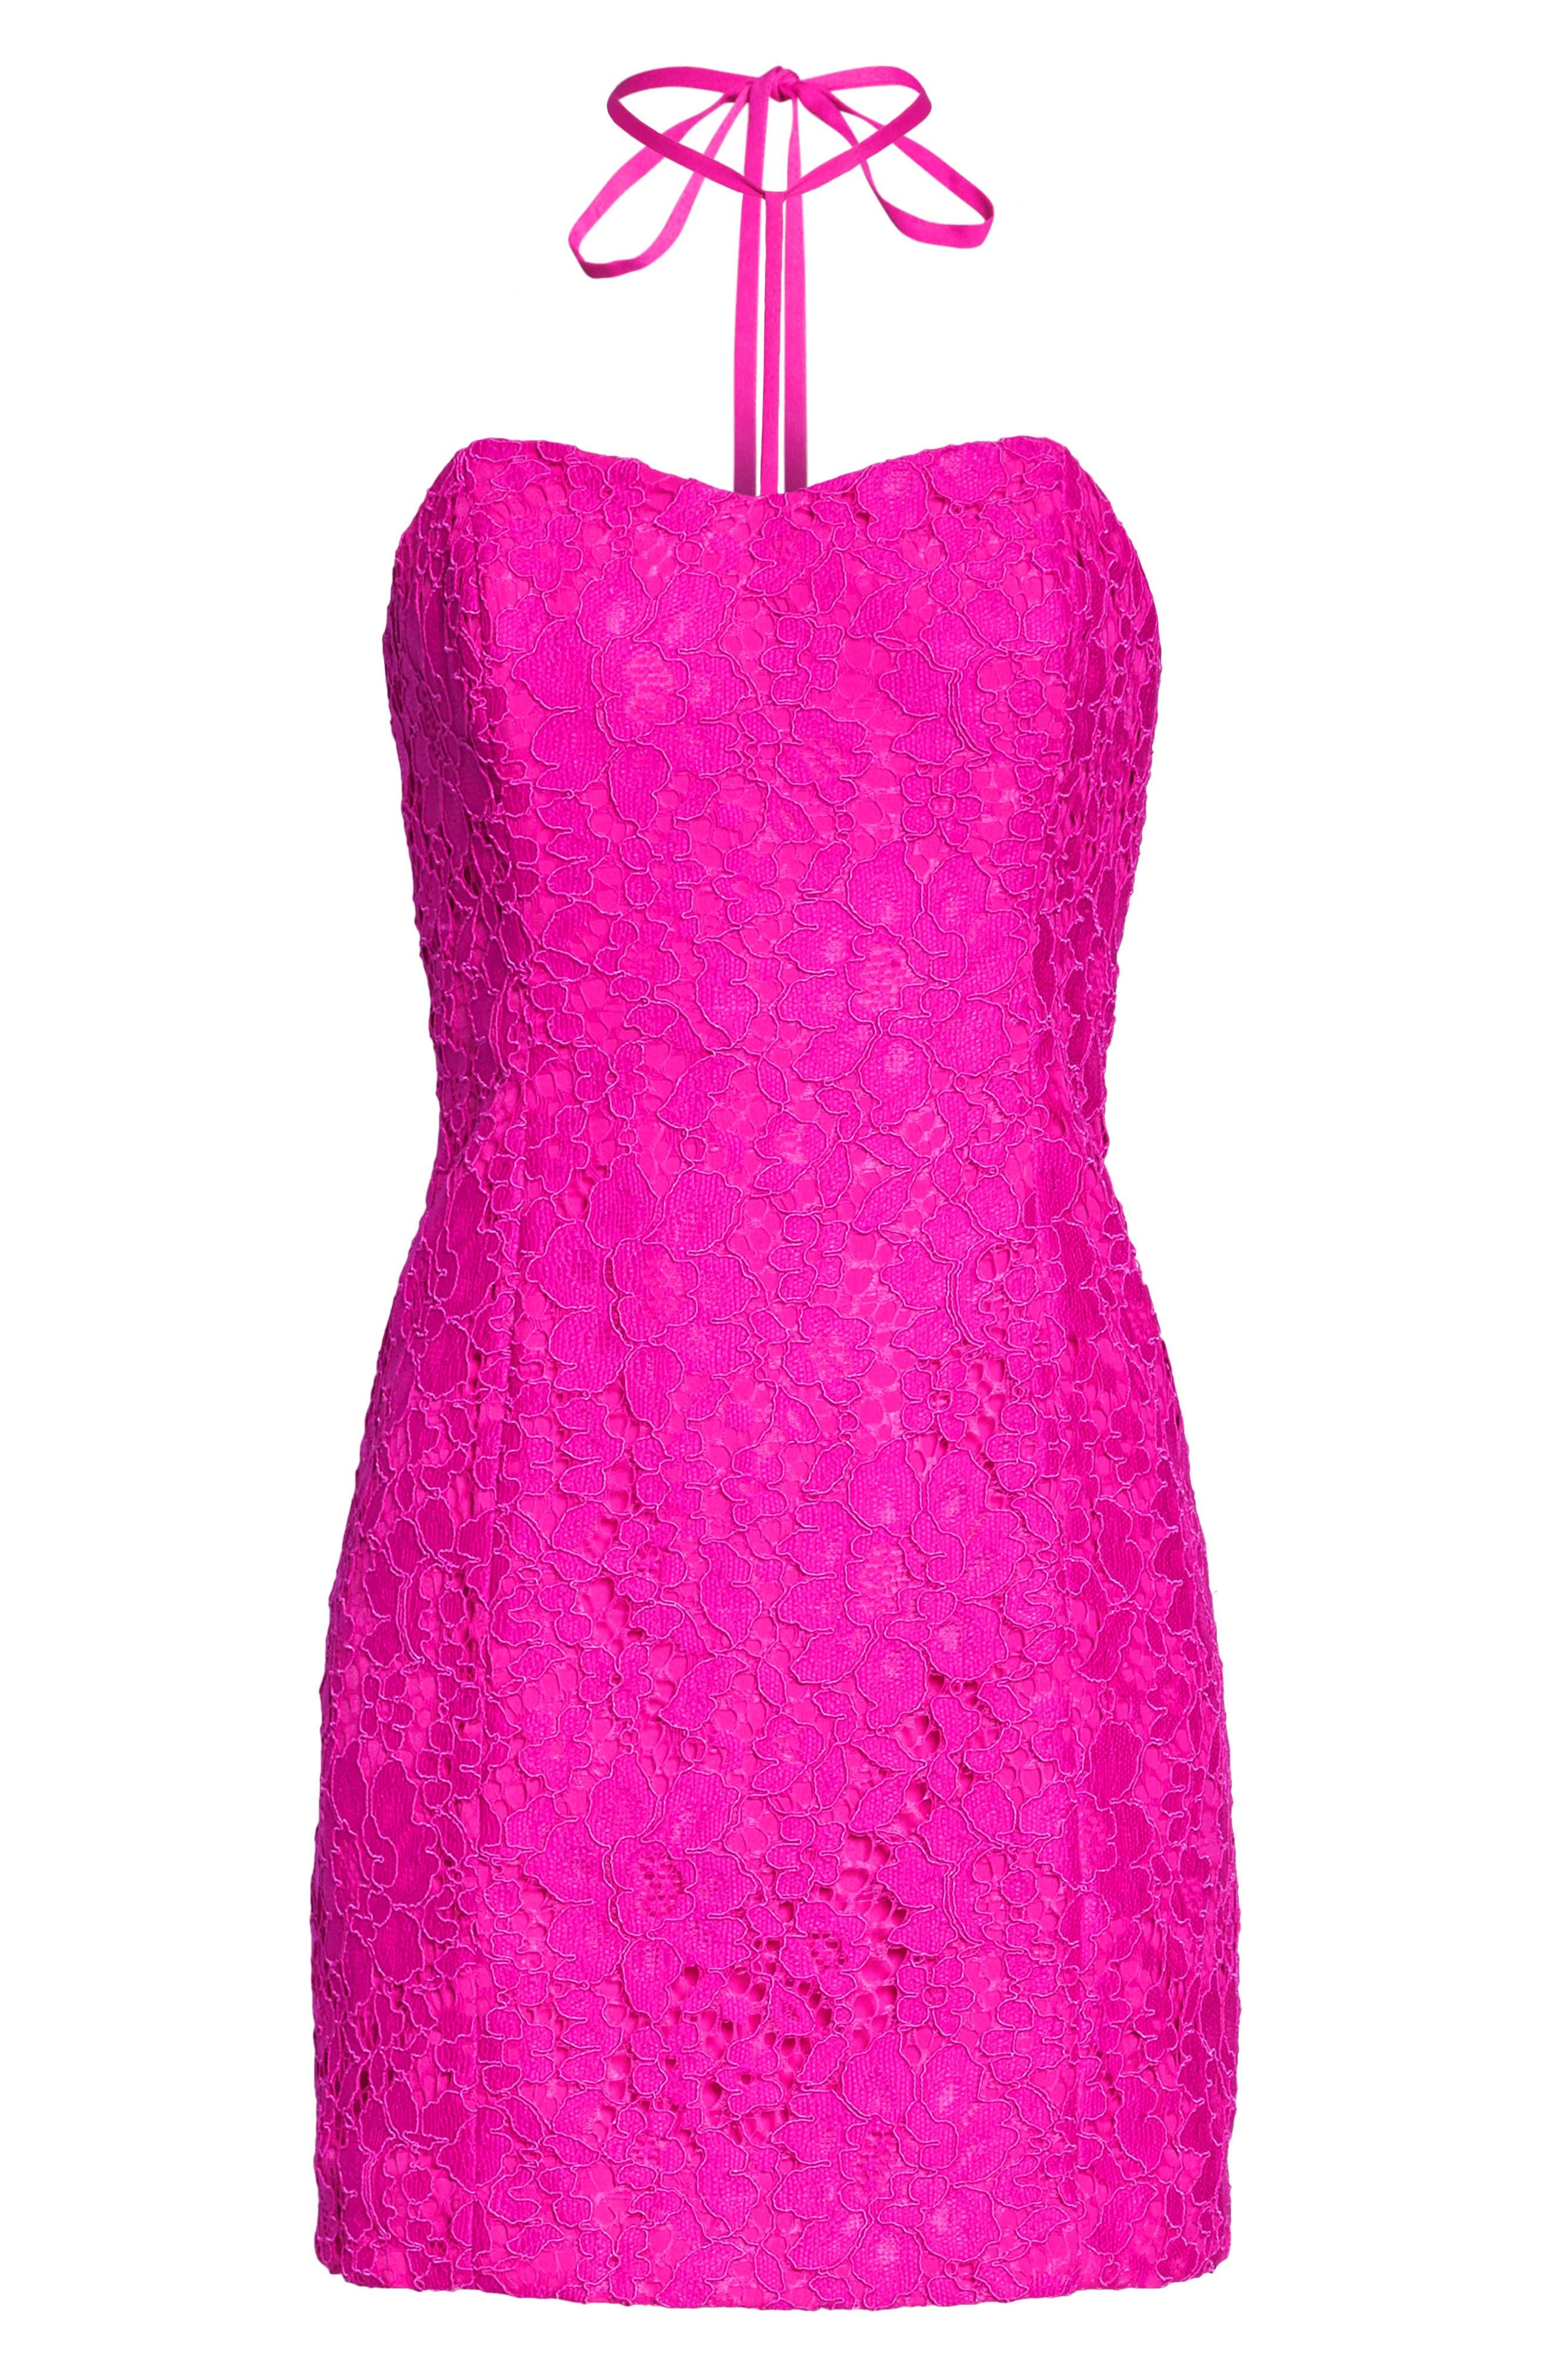 Demi Lace Dress,                             Alternate thumbnail 9, color,                             BERRY SANGRIA FLORAL LACE